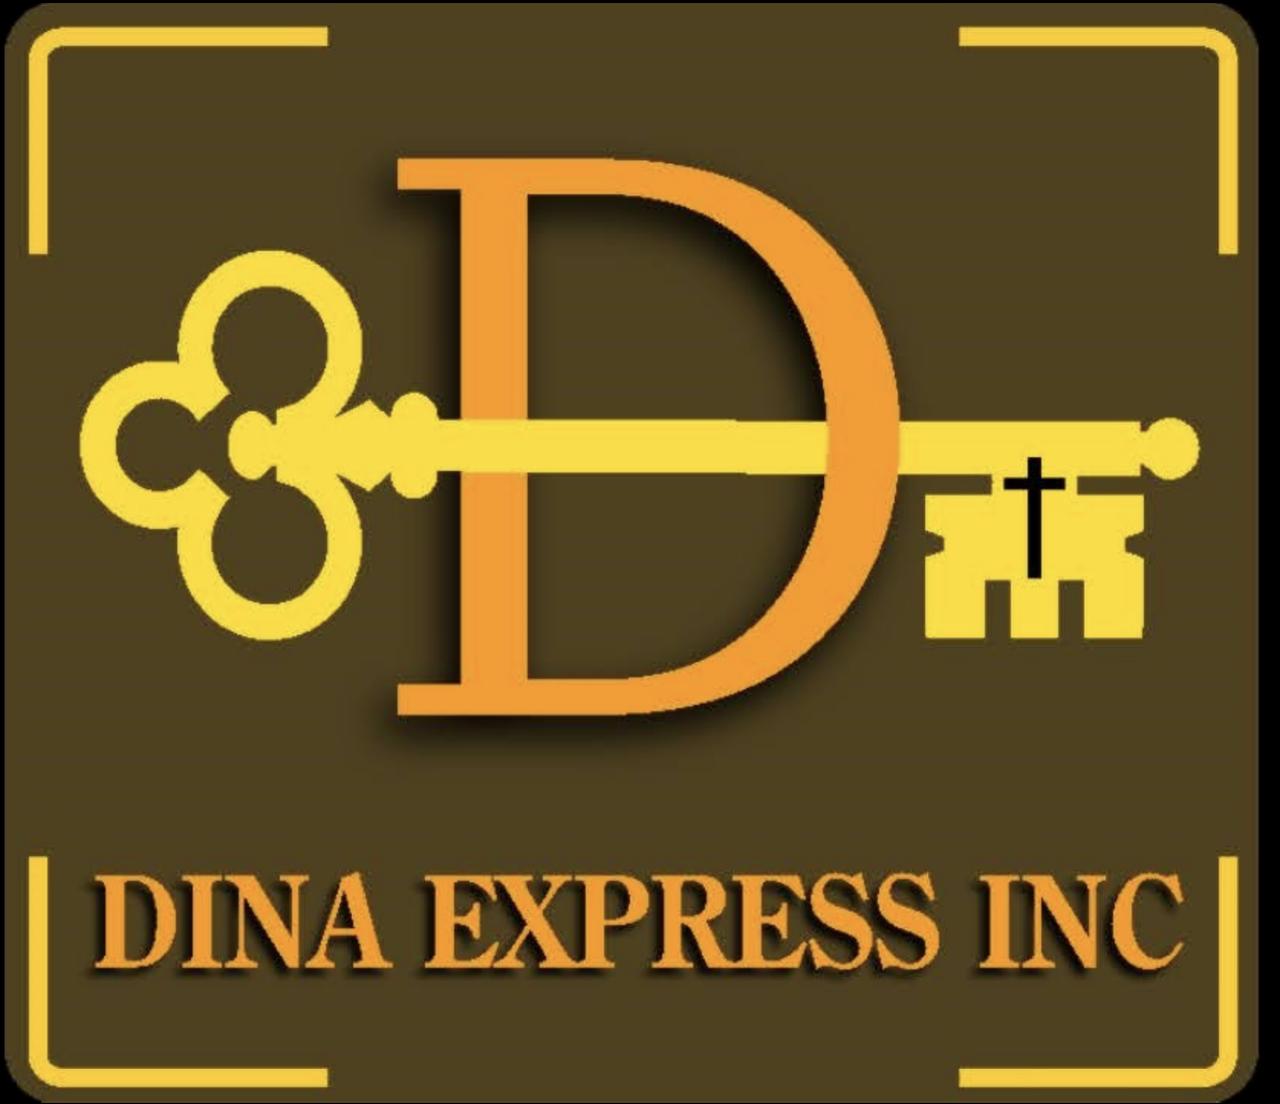 Dina Express Inc